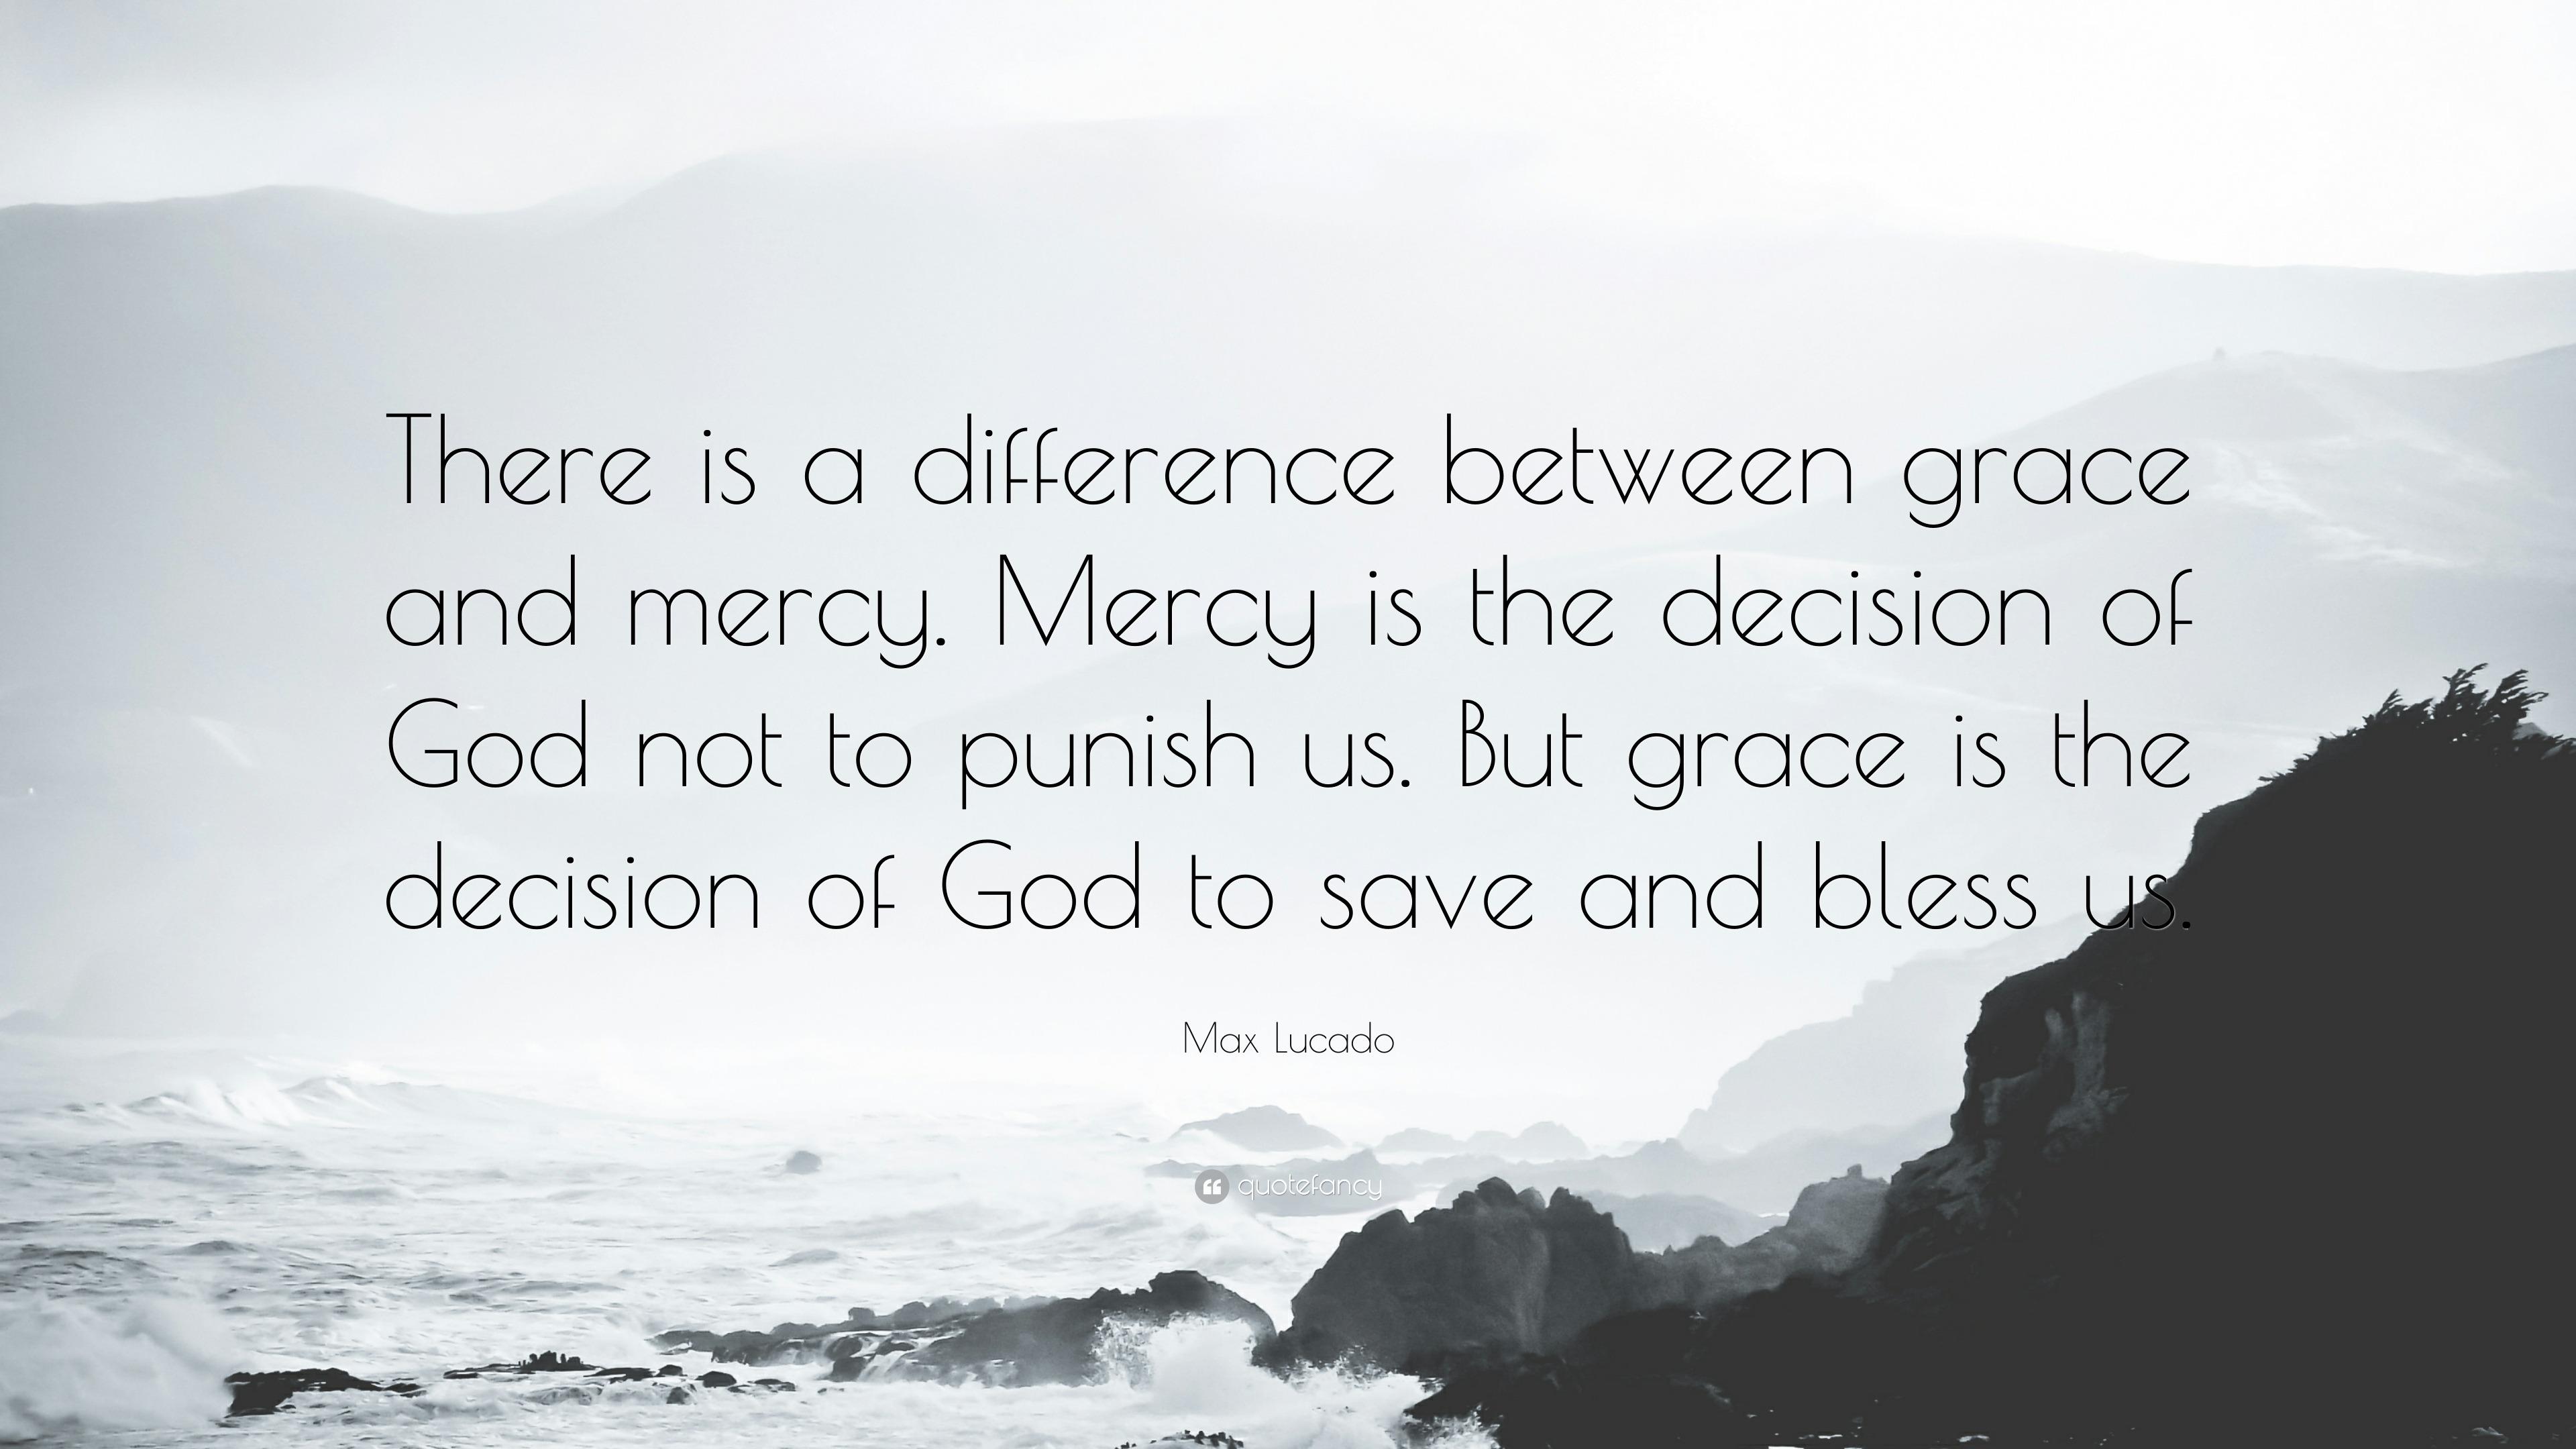 Grace versus mercy